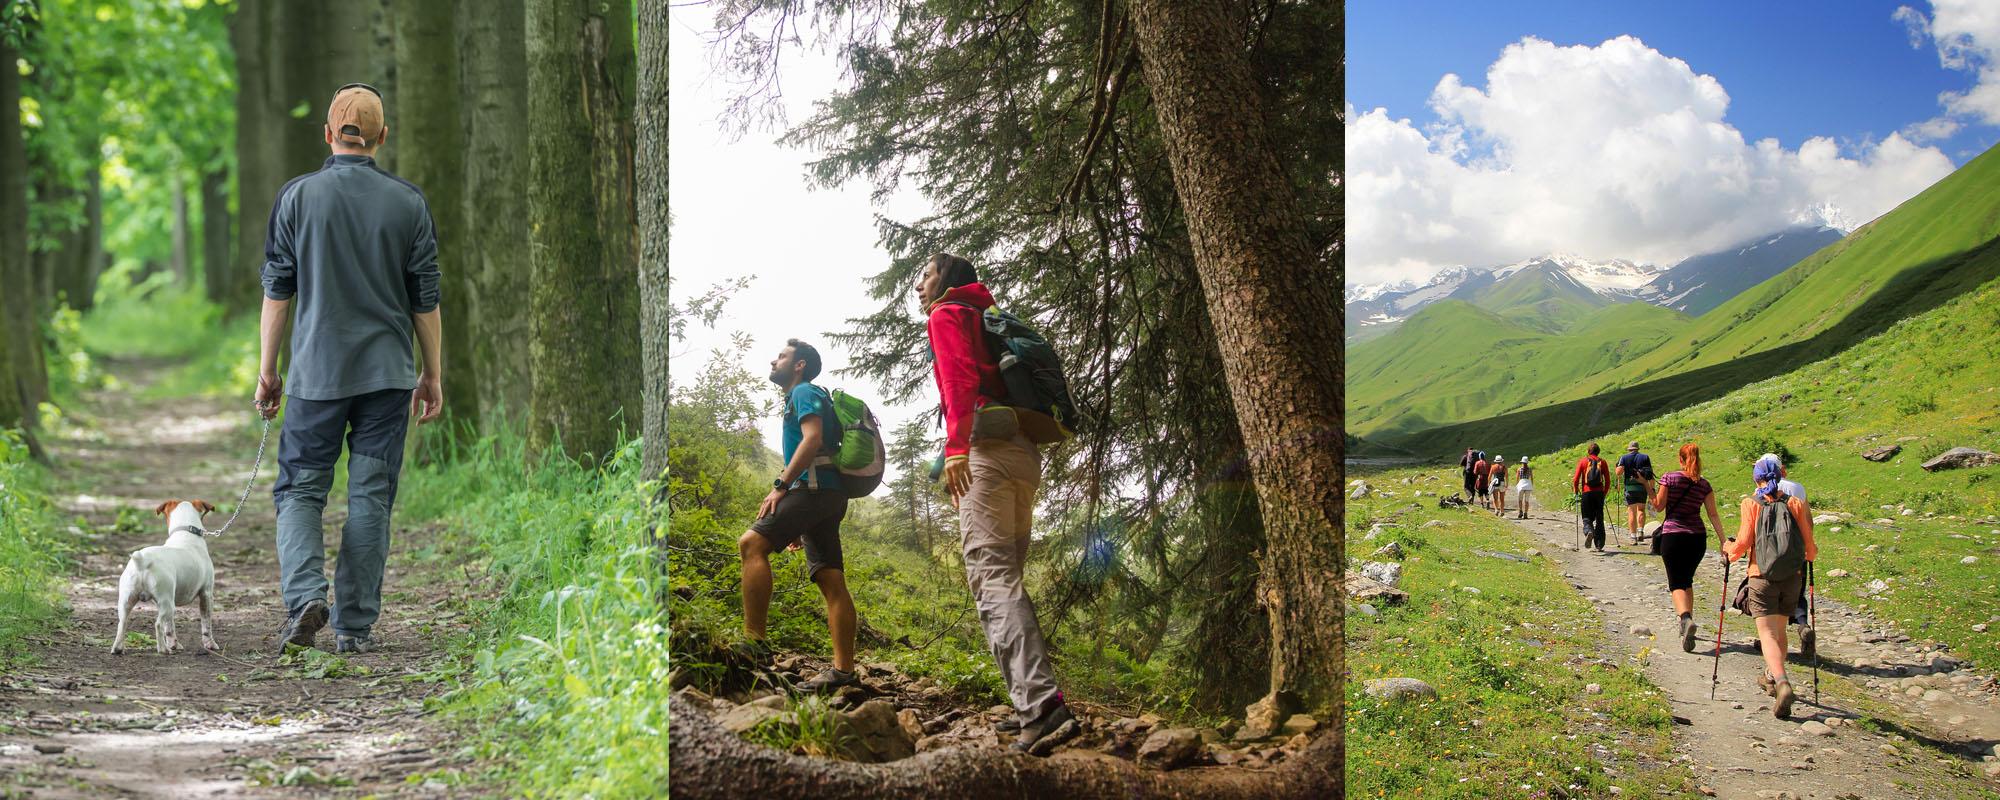 Wandelen, hiken of trekking… Wat is het verschil?